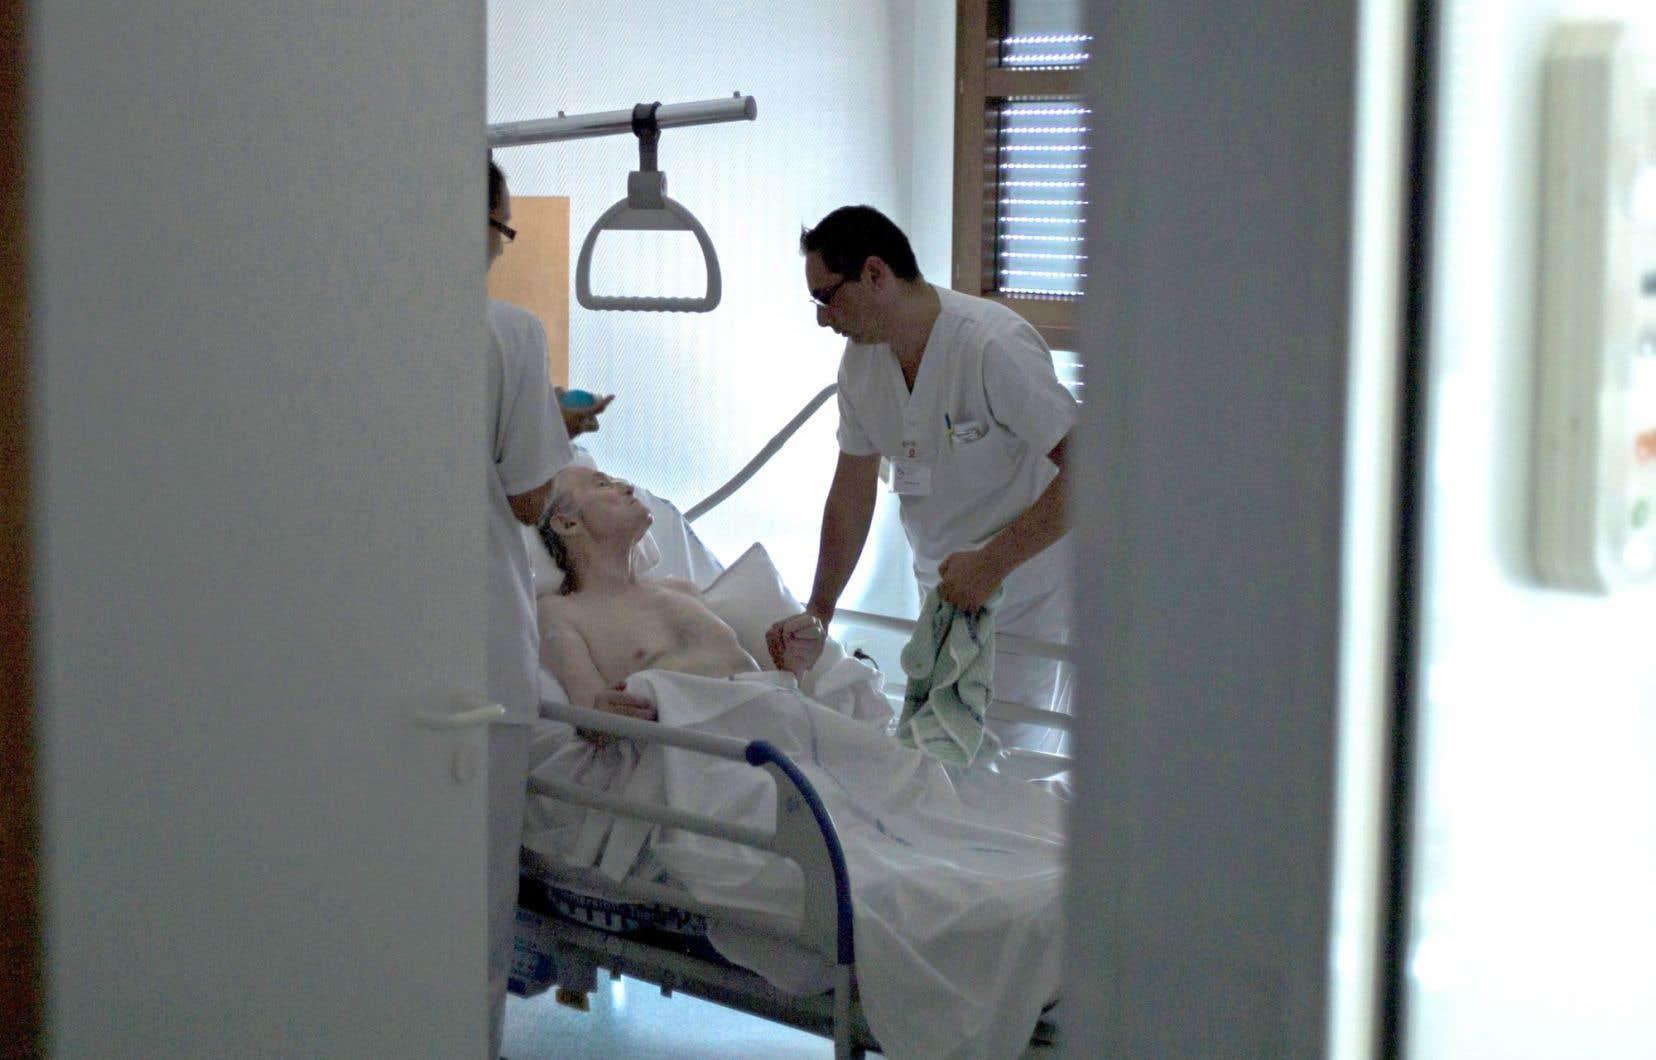 Les avocats fédéraux reconnaissent que le délai supplémentaire «aura un impact indéniable» sur les malades qui voulaient se prévaloir de cette aide à mourir le plus tôt possible.